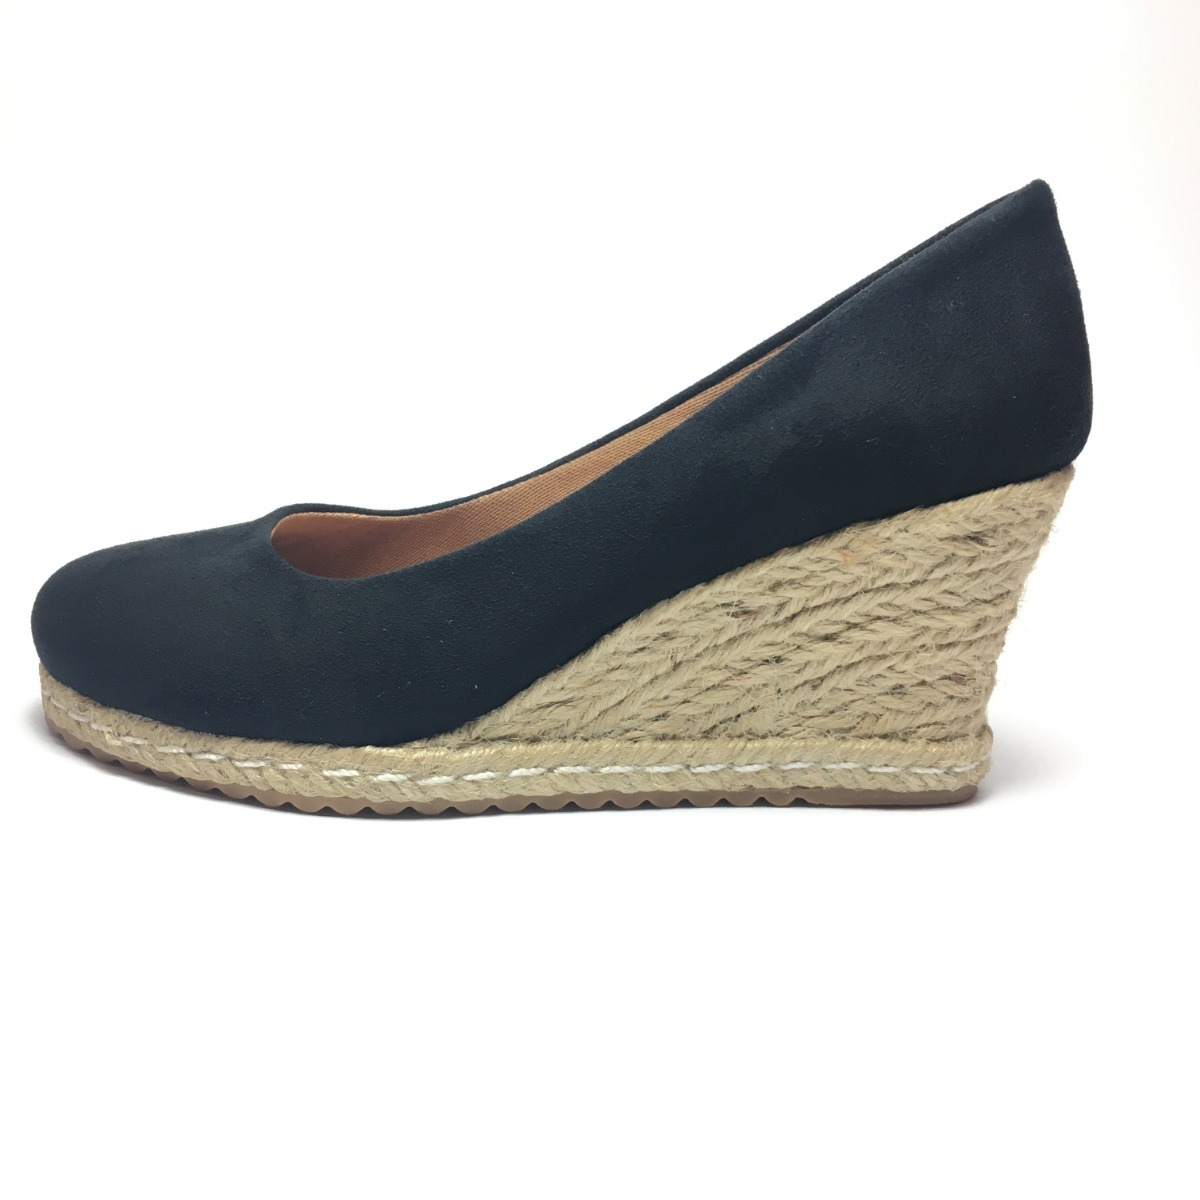 36e2a6f0db sandália anabela feminina espadrille s  médio alto 7 cm azul. Carregando  zoom.